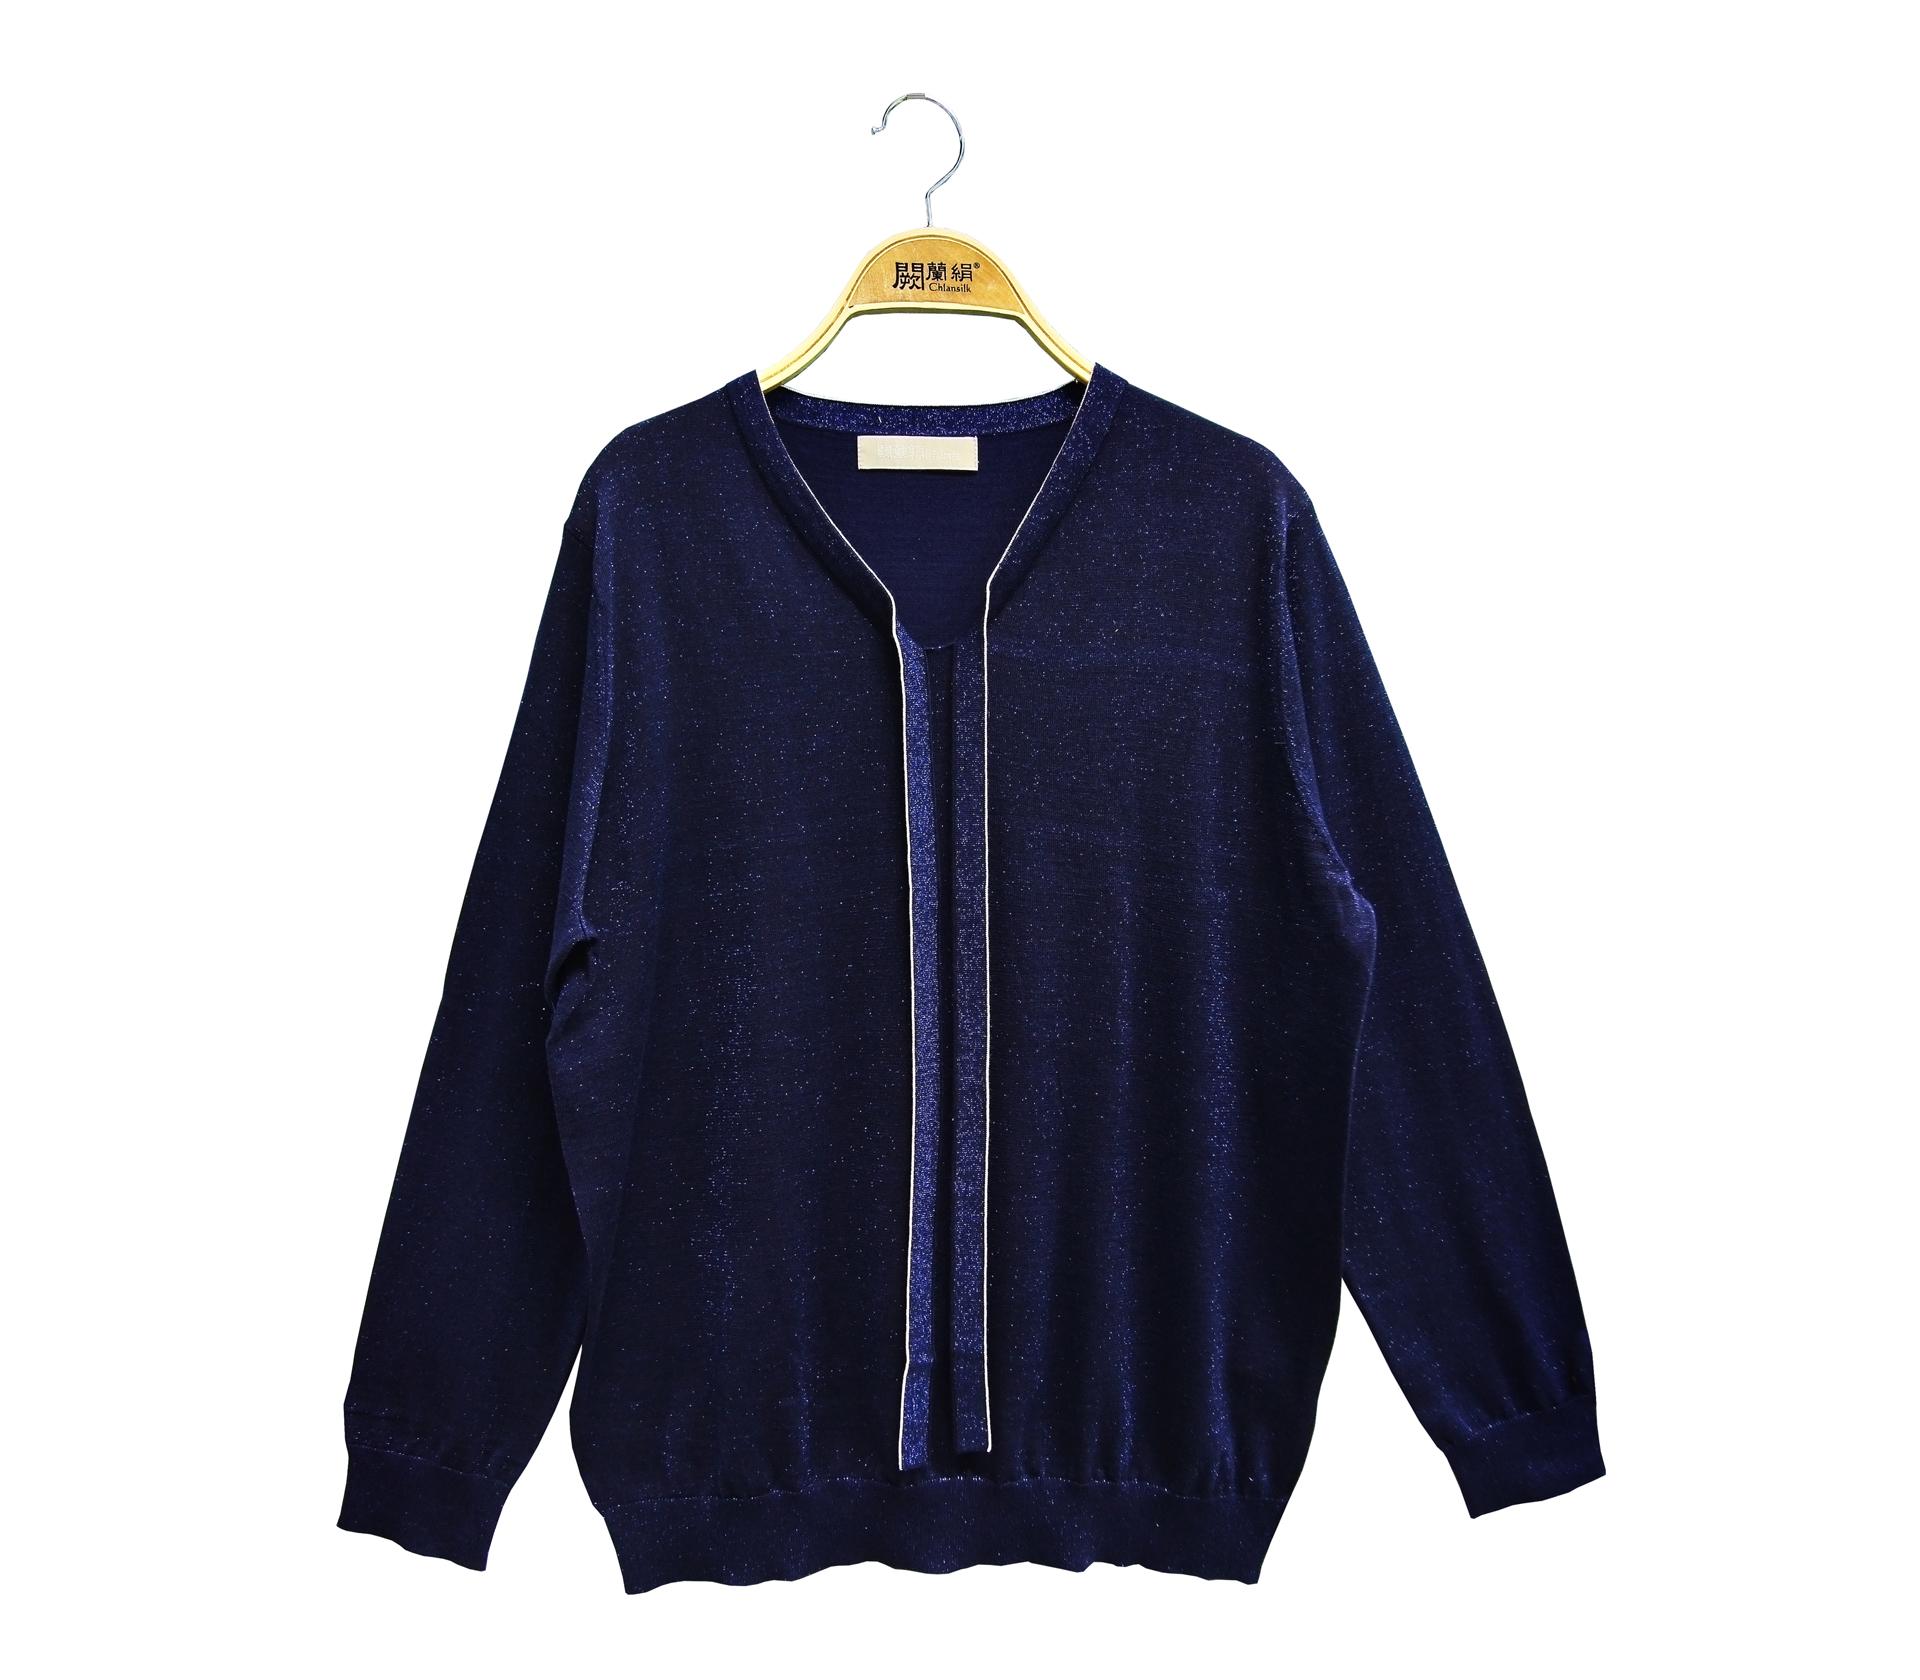 闕蘭絹閃亮奢華綁帶針織蠶絲長袖上衣 - 藍色 - 6029